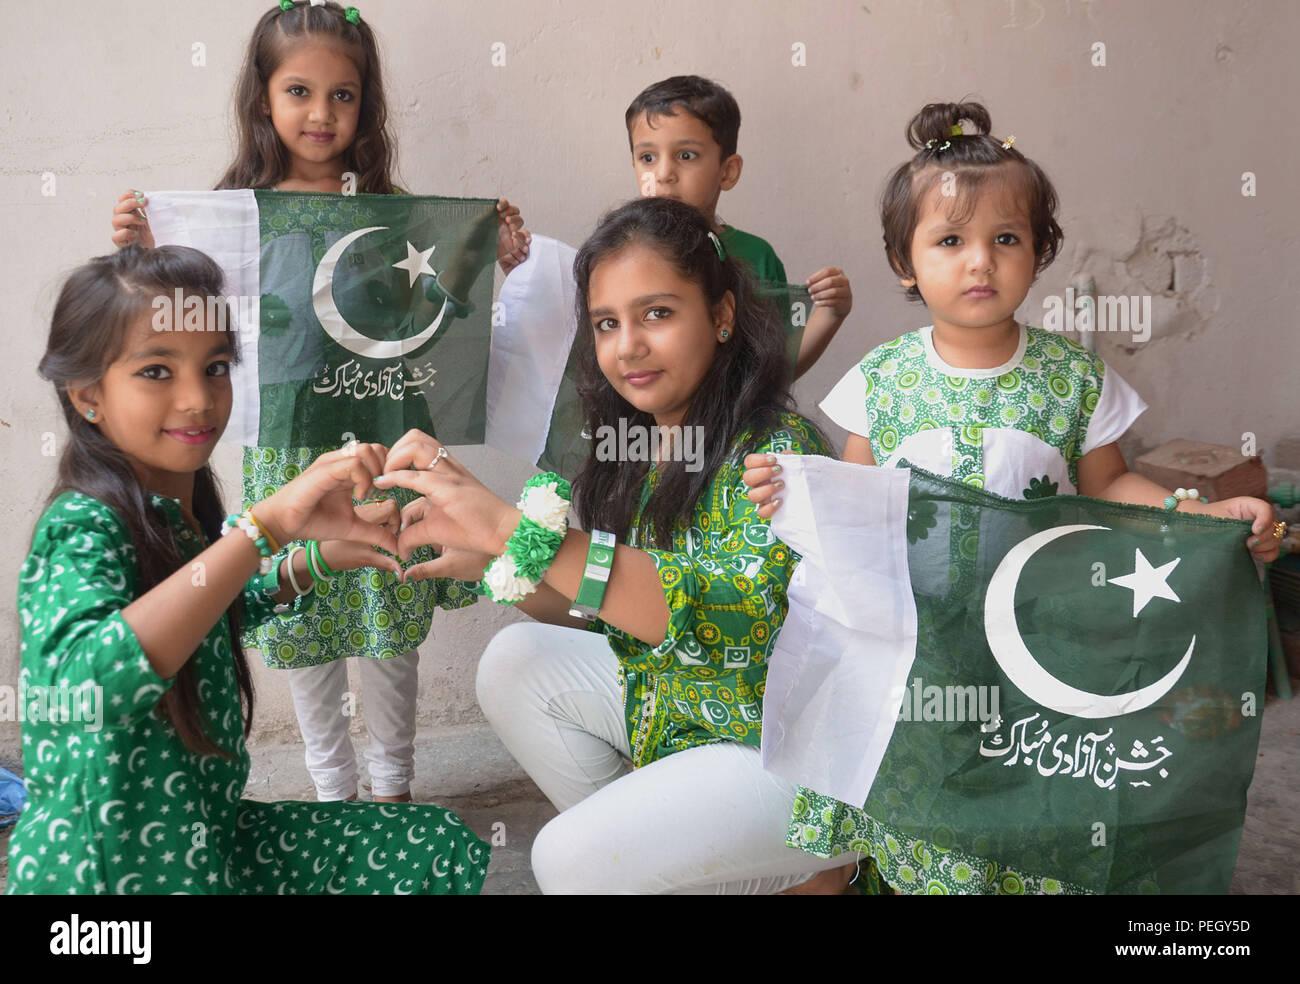 Lahore, Pakistan  14th Aug, 2018  Pakistani people